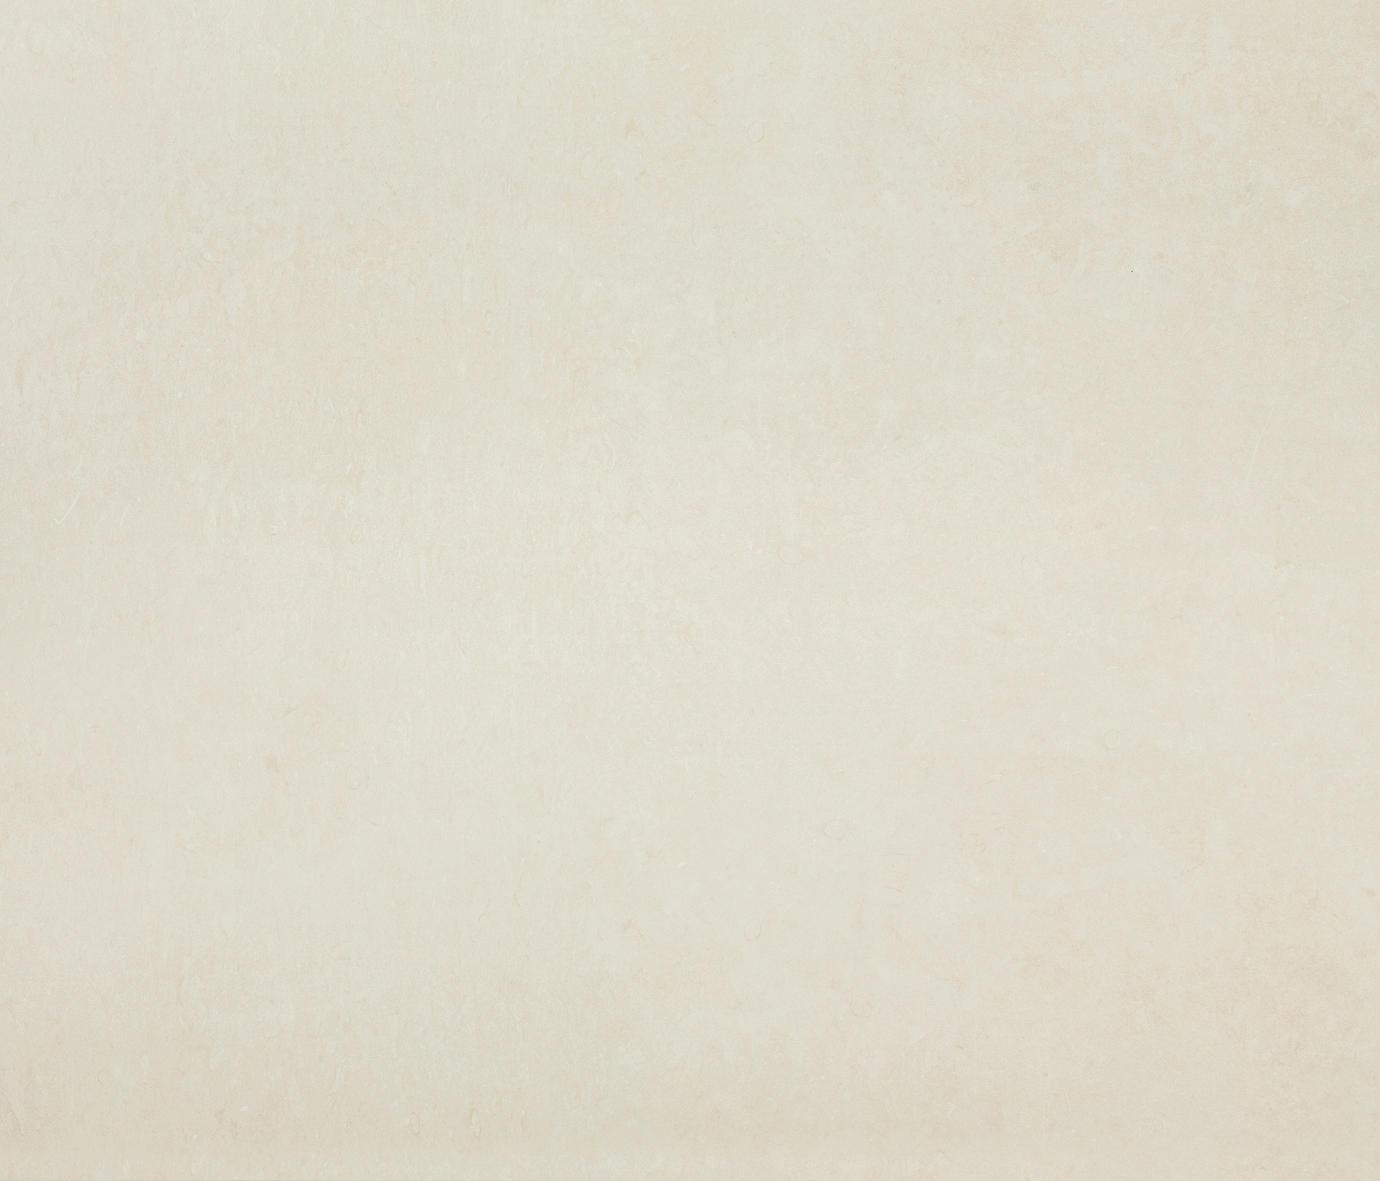 poesia bianca bodenfliesen von refin architonic. Black Bedroom Furniture Sets. Home Design Ideas